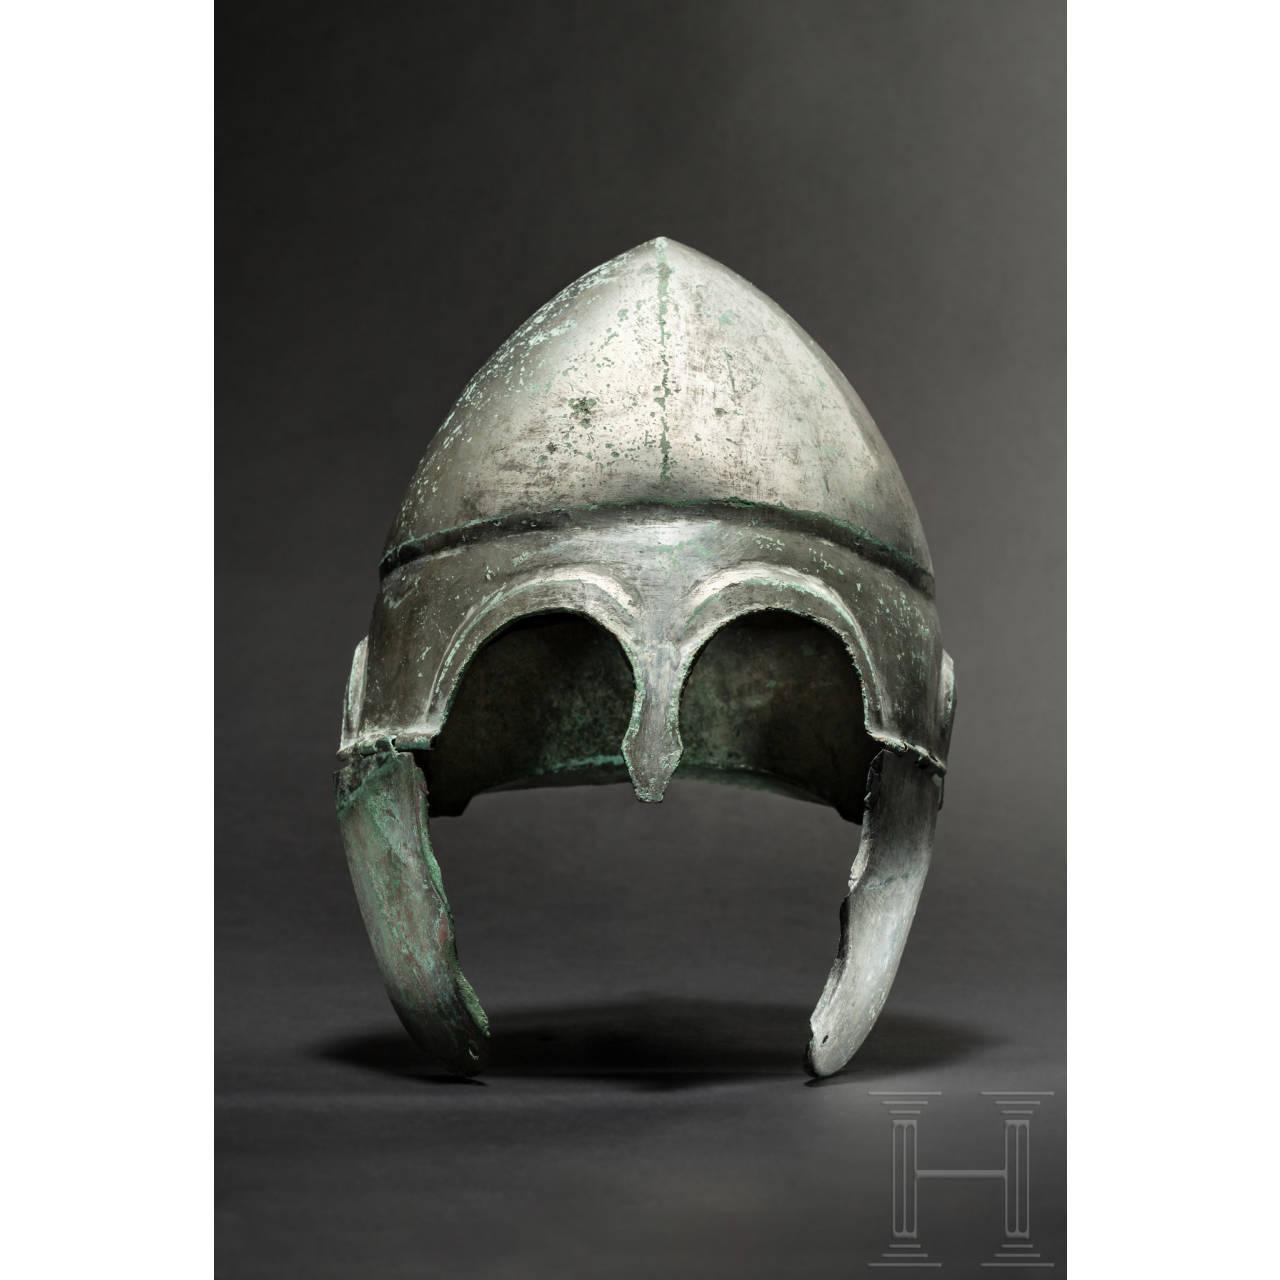 Chalkidischer Helm, Typ V, frühes 4. Jhdt. v. Chr.